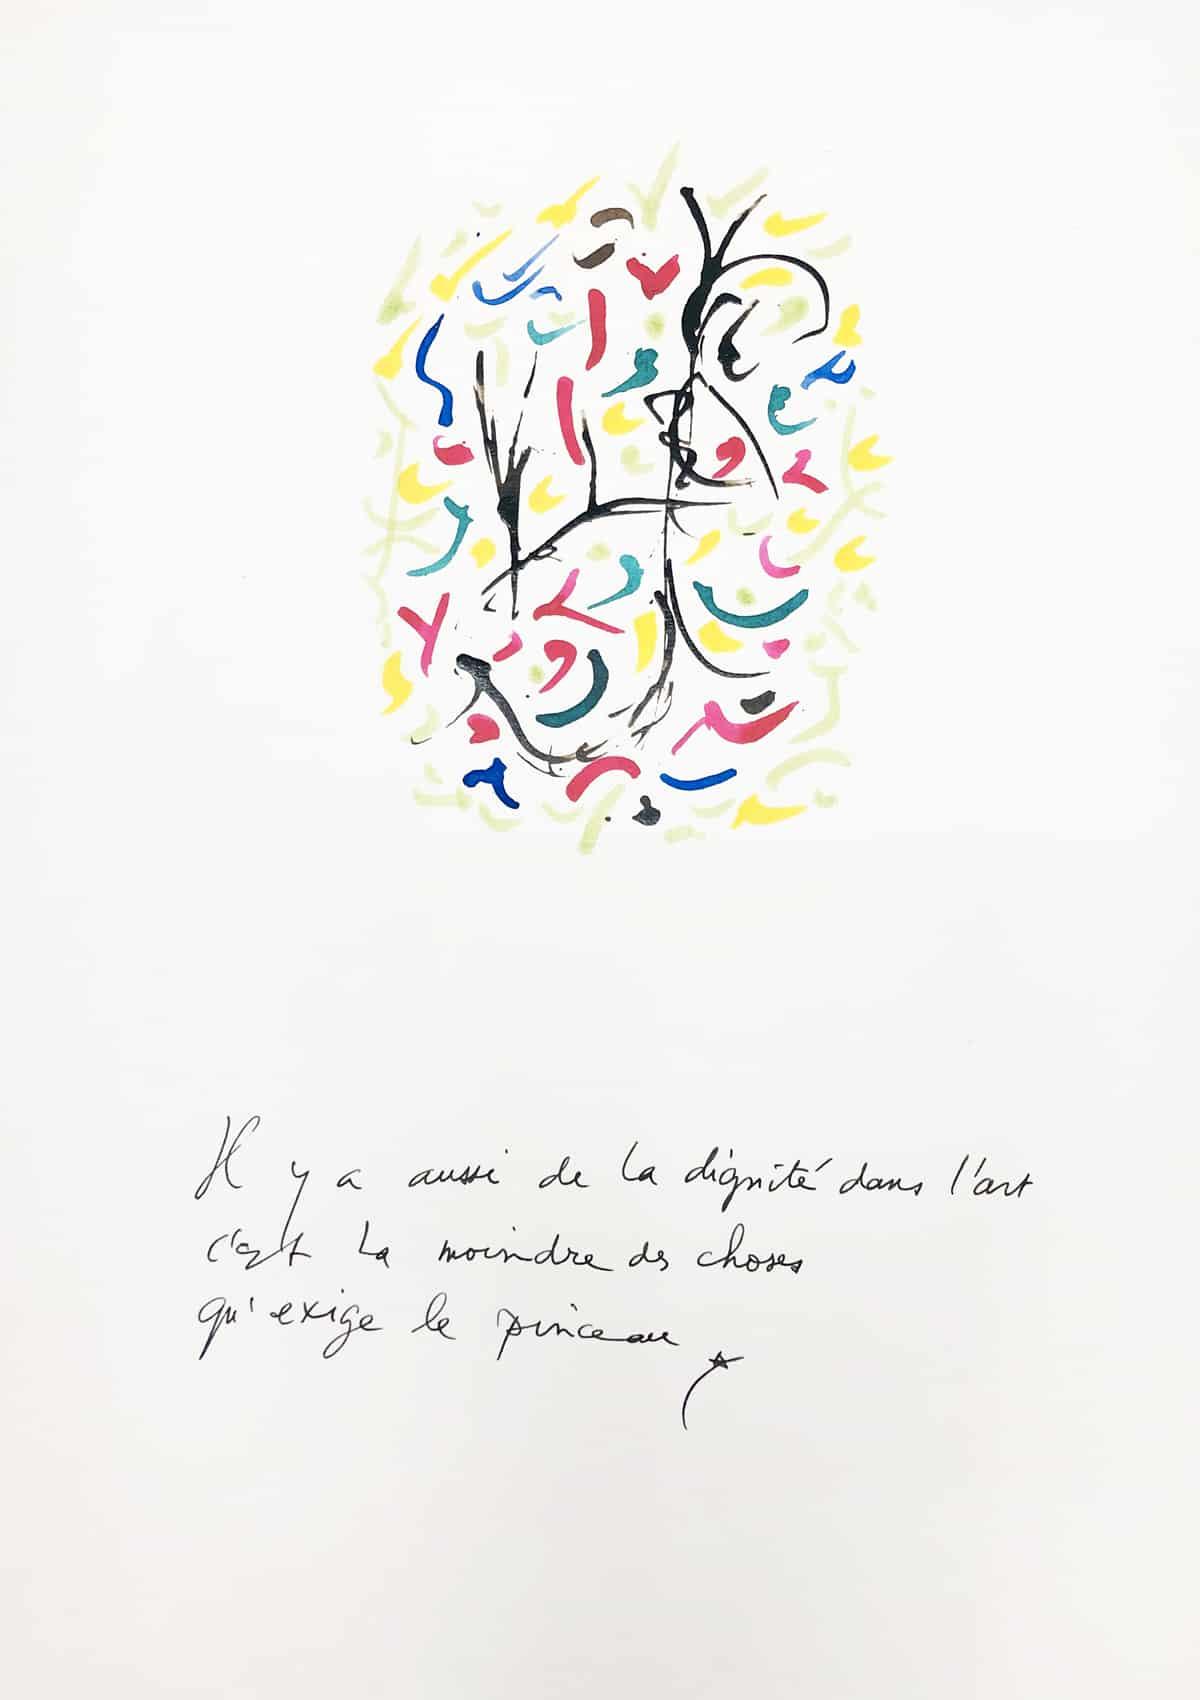 Il y a aussi de la dignité dans l'art, 2019 Dessin à l'encre, 35,5 x 50 cm ©Tahar Ben Jelloun